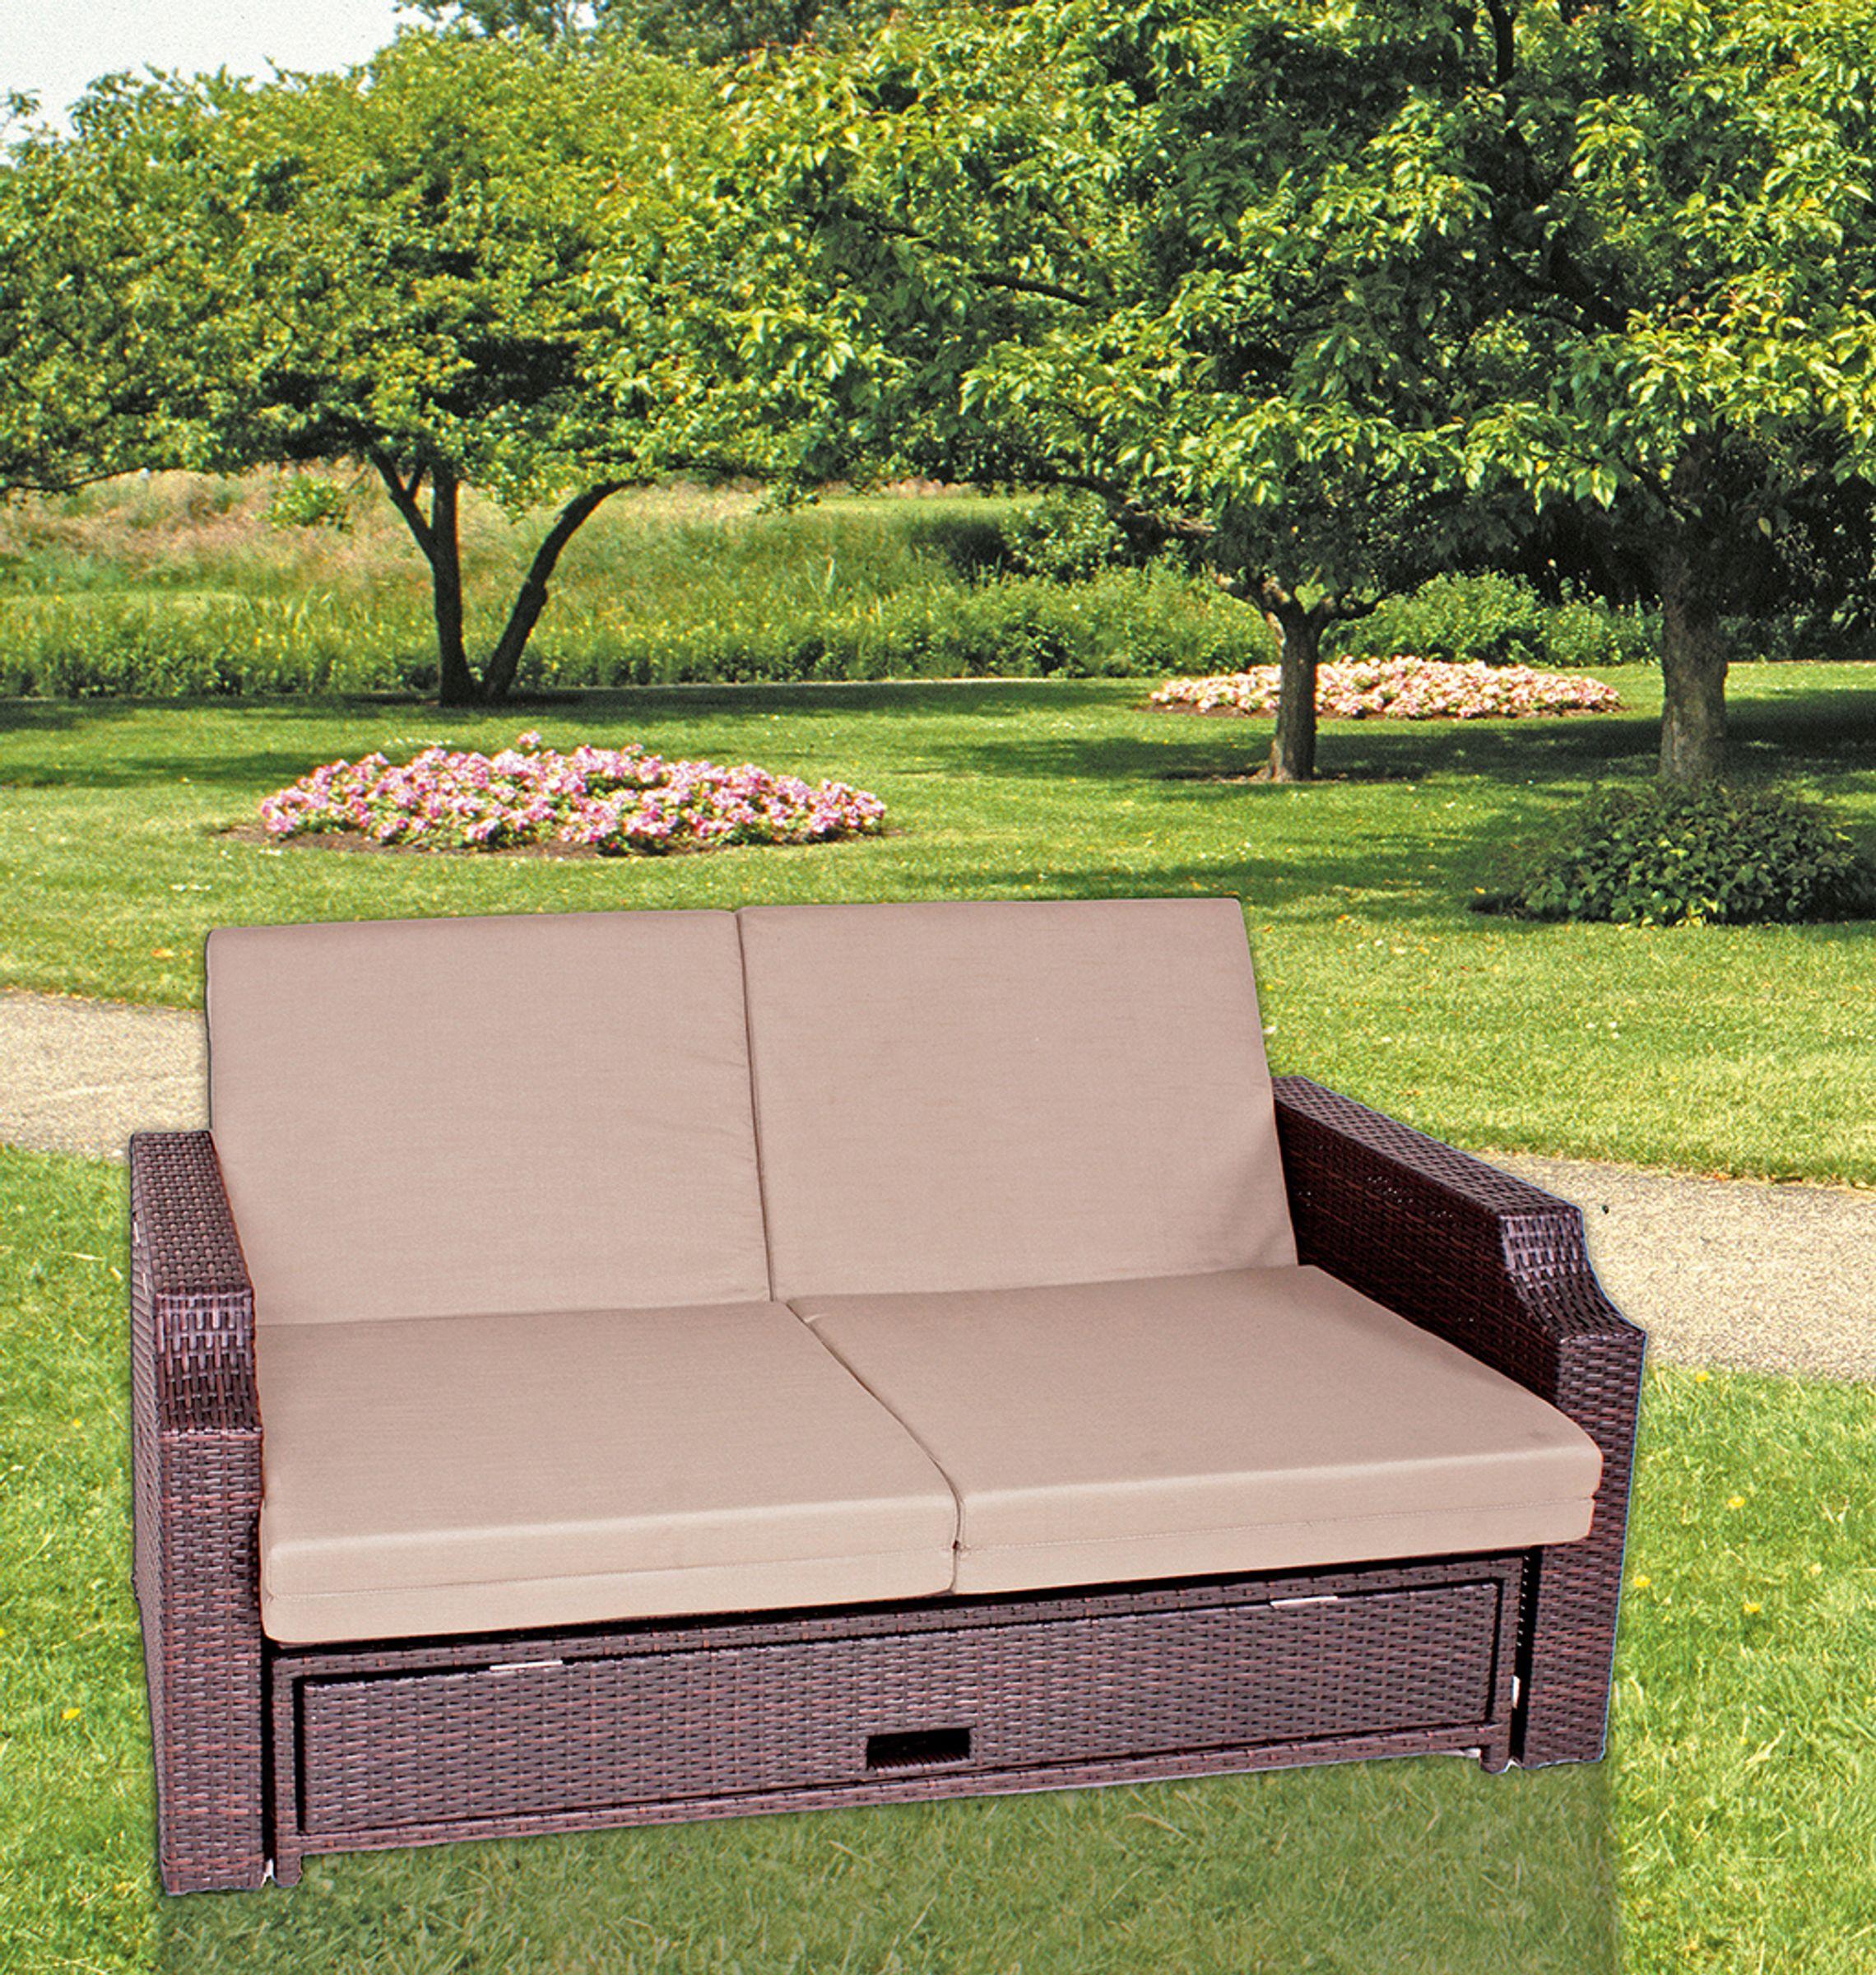 funktionssofa sofa couch garten terrasse liege lounge m bel relaxliege garten baumarkt. Black Bedroom Furniture Sets. Home Design Ideas